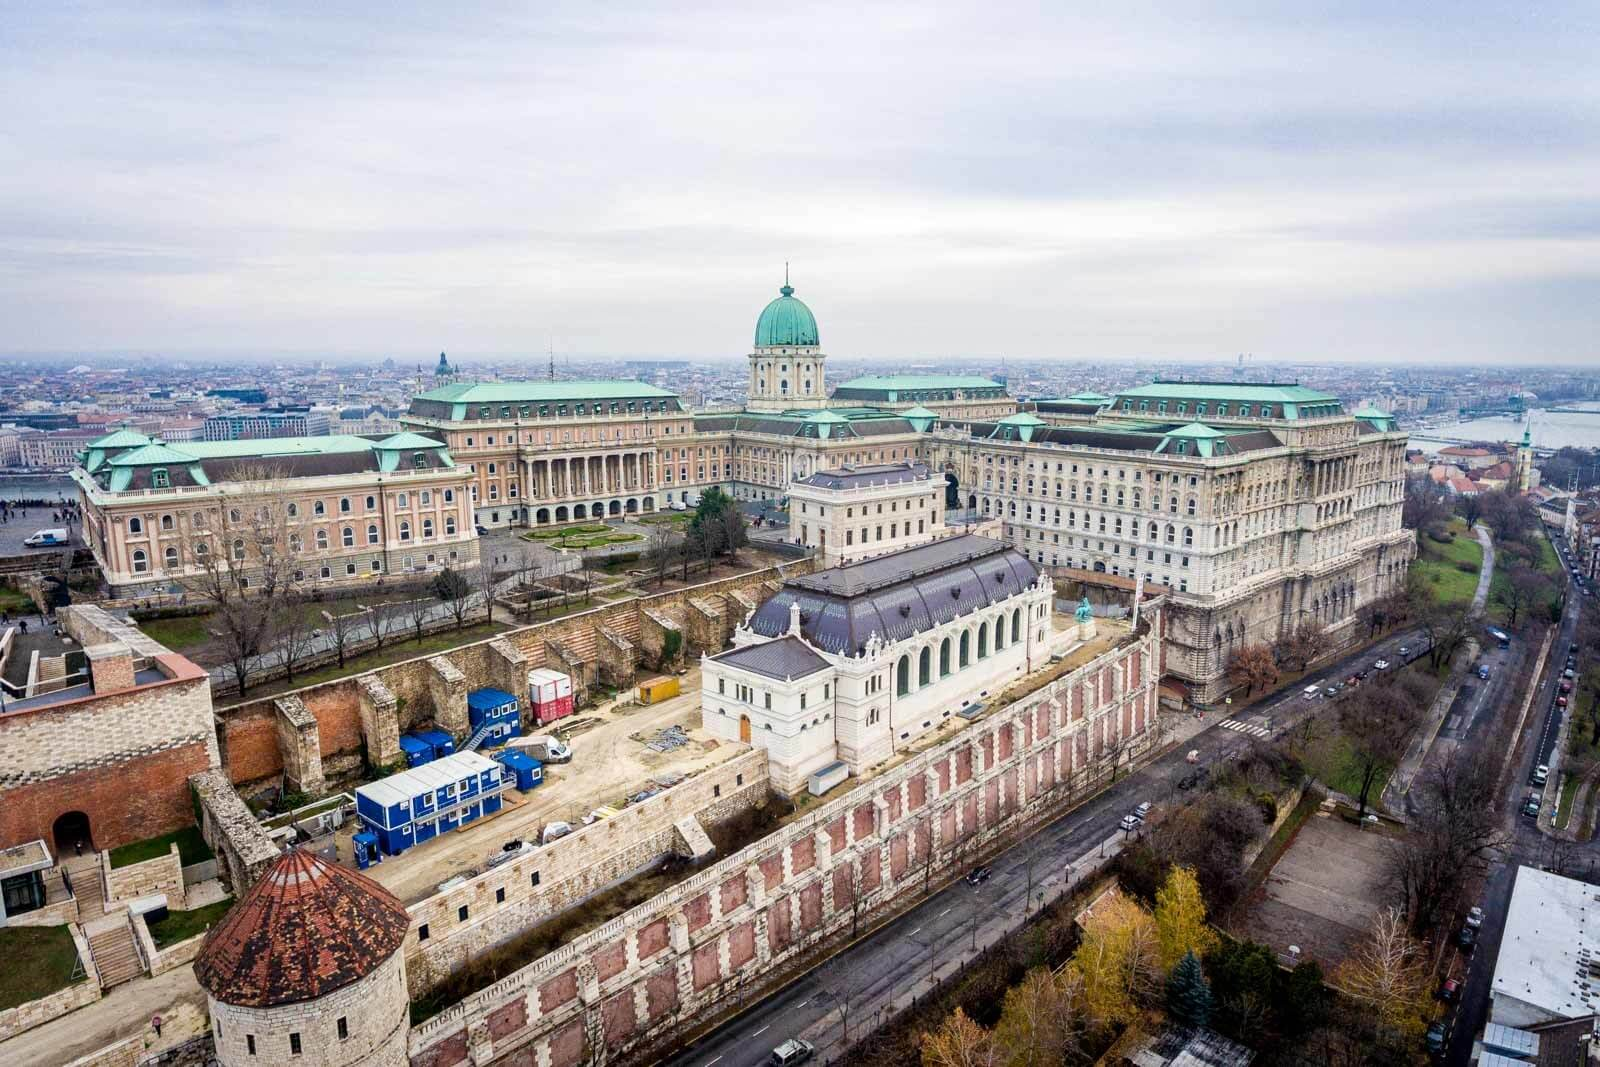 Újjászületett a Lovarda és a Főőrség a Budai Várban - galéria